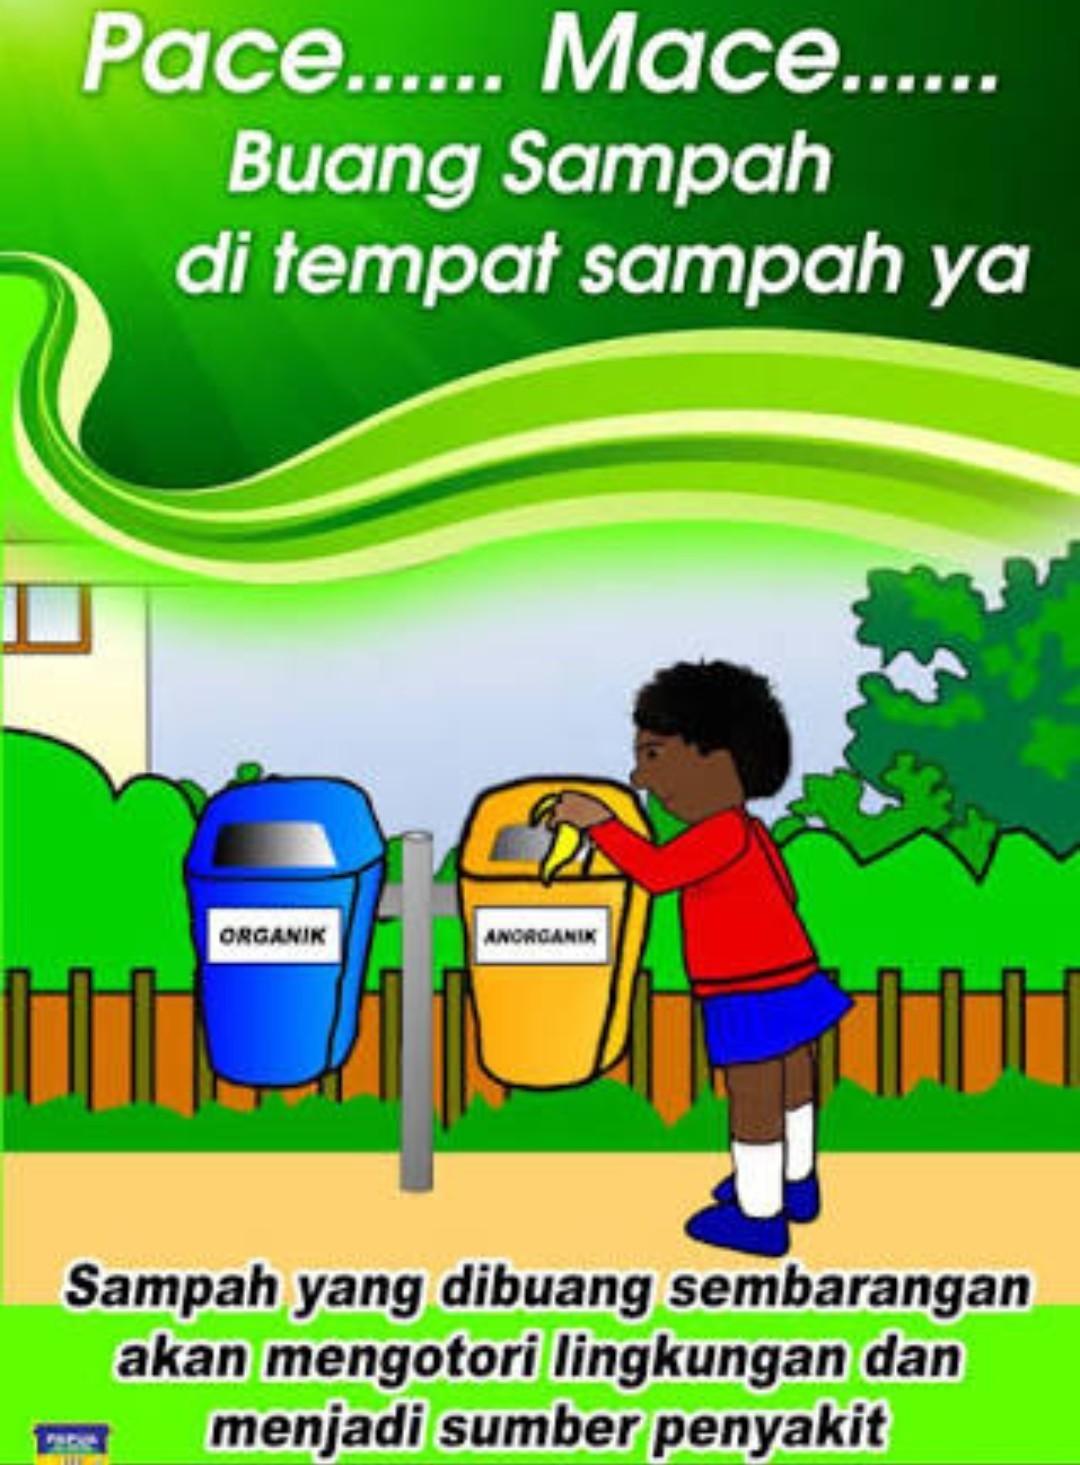 Download 101 Gambar Poster Tentang Lingkungan Hidup Paling Baru